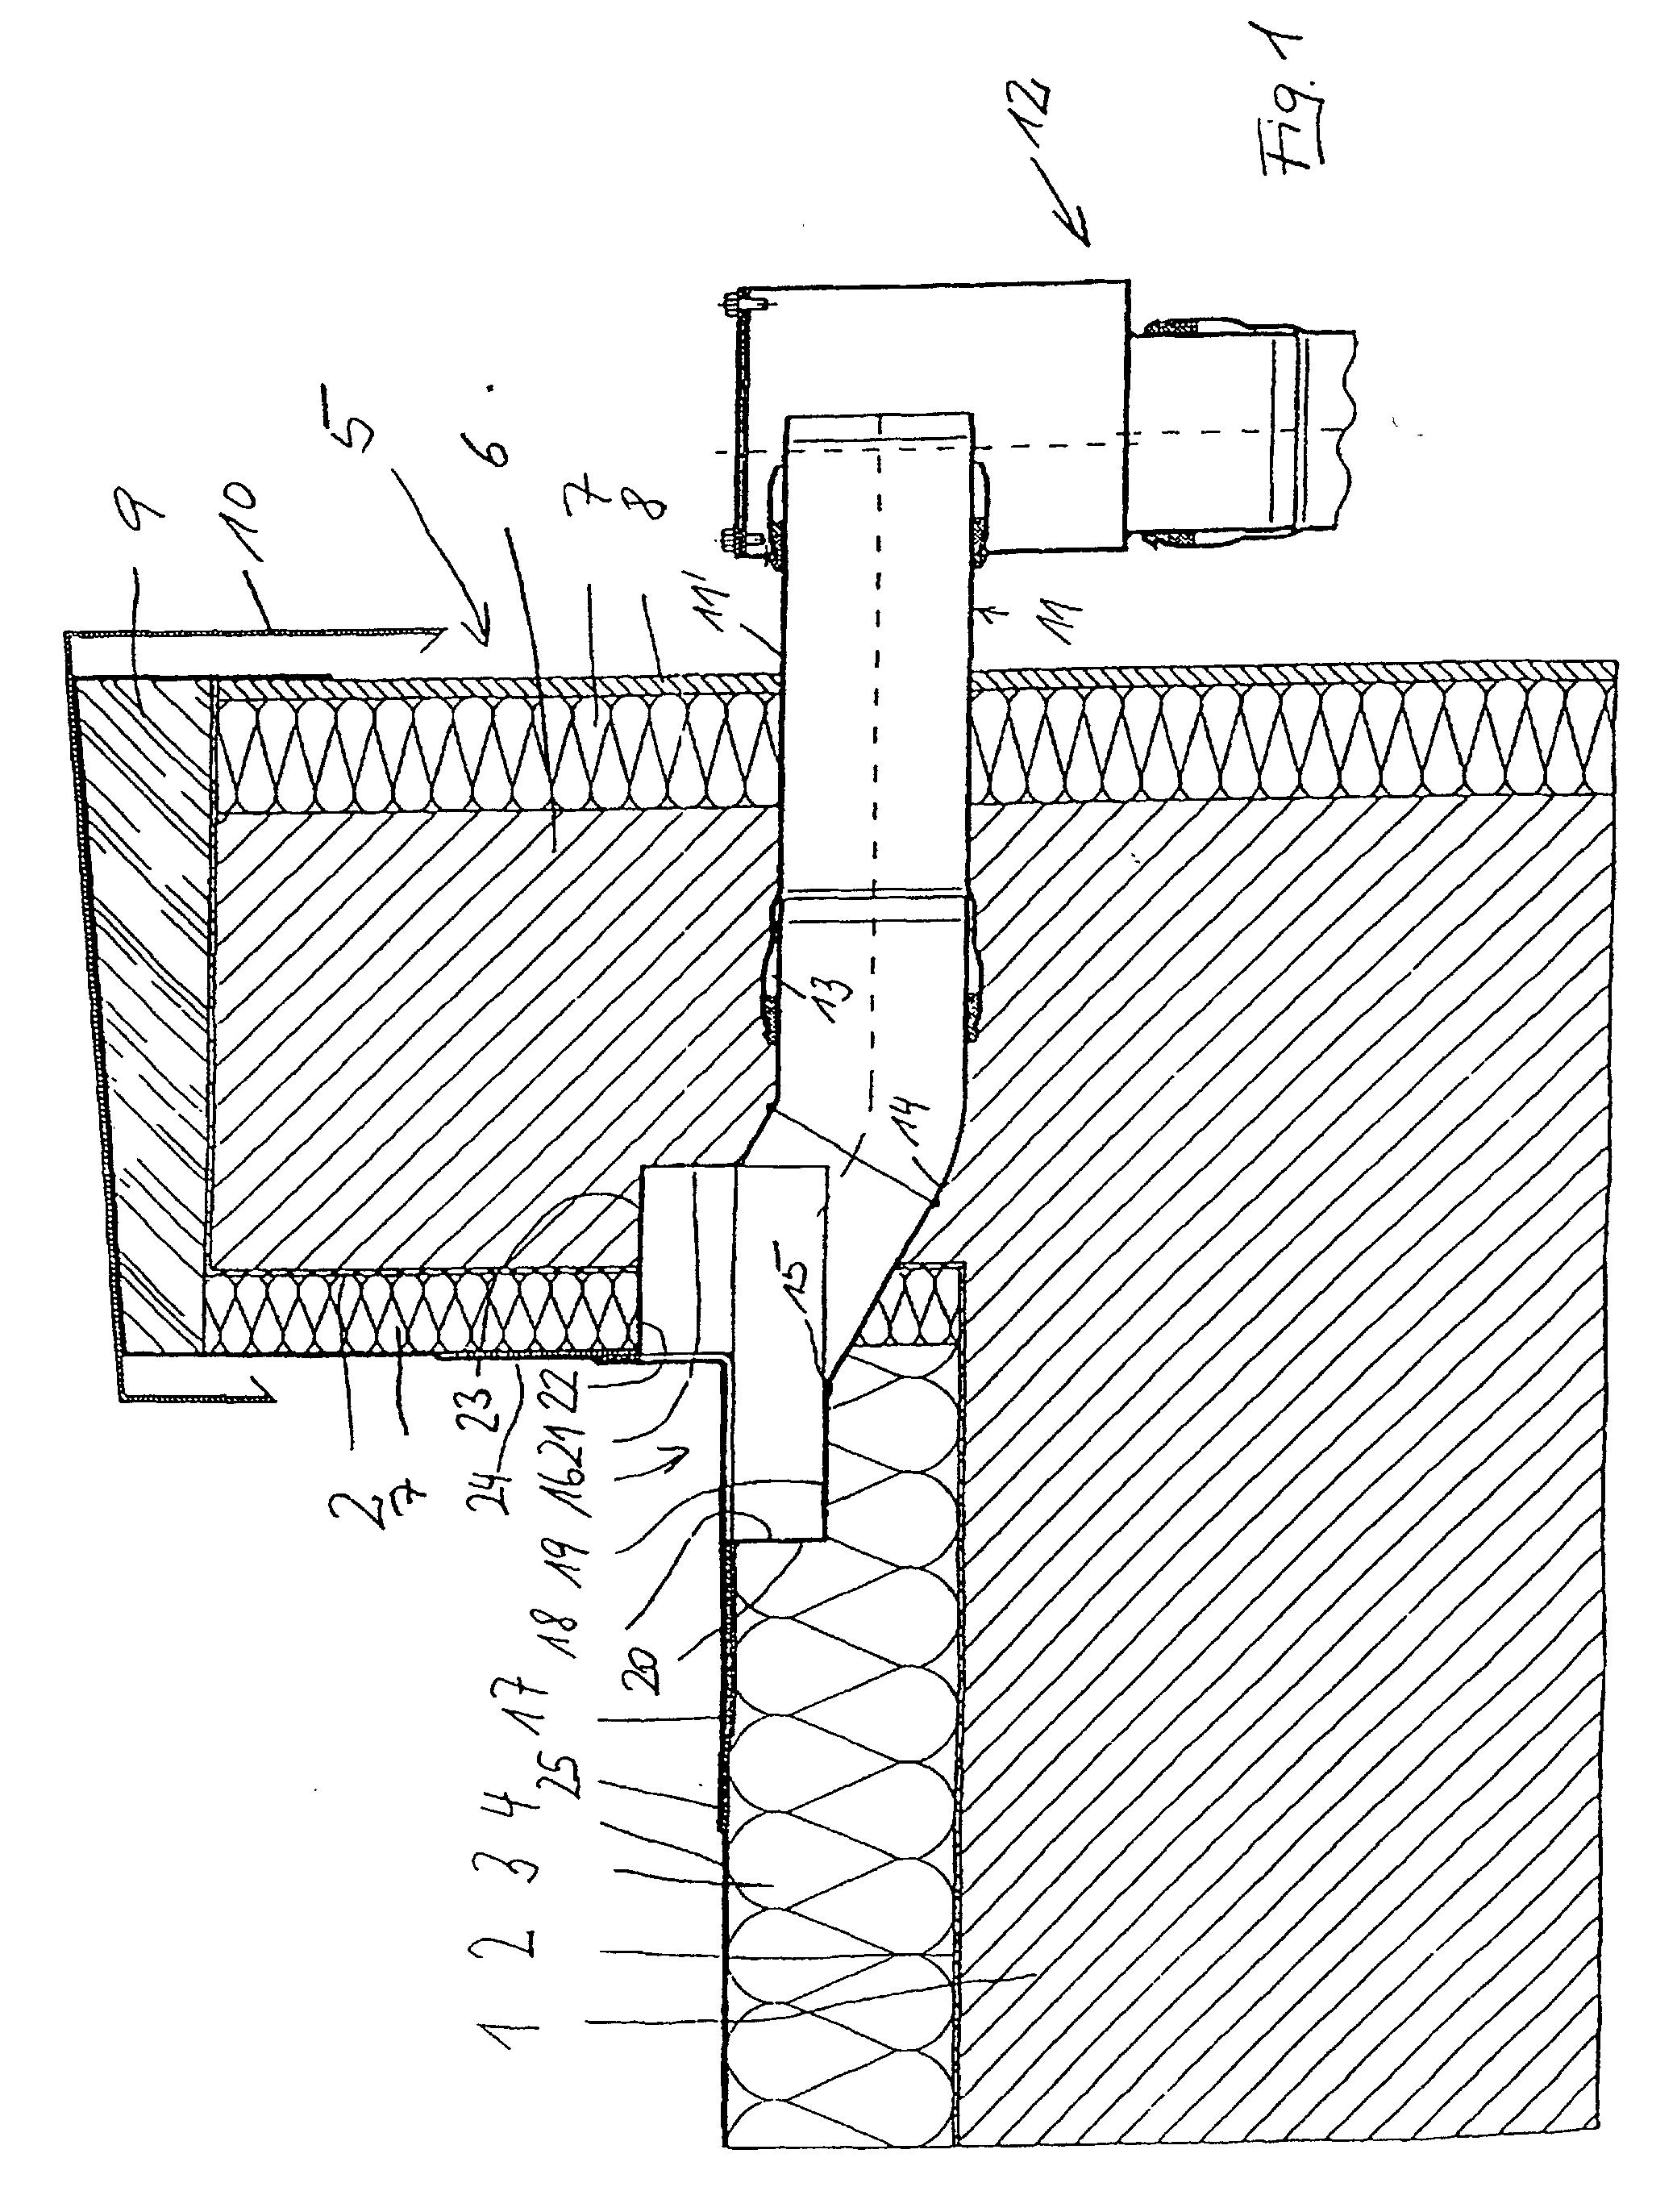 Fallrohr flachdach  Patent EP0940520B1 - Flachdach-Wasserablauf und Flachdach mit ...